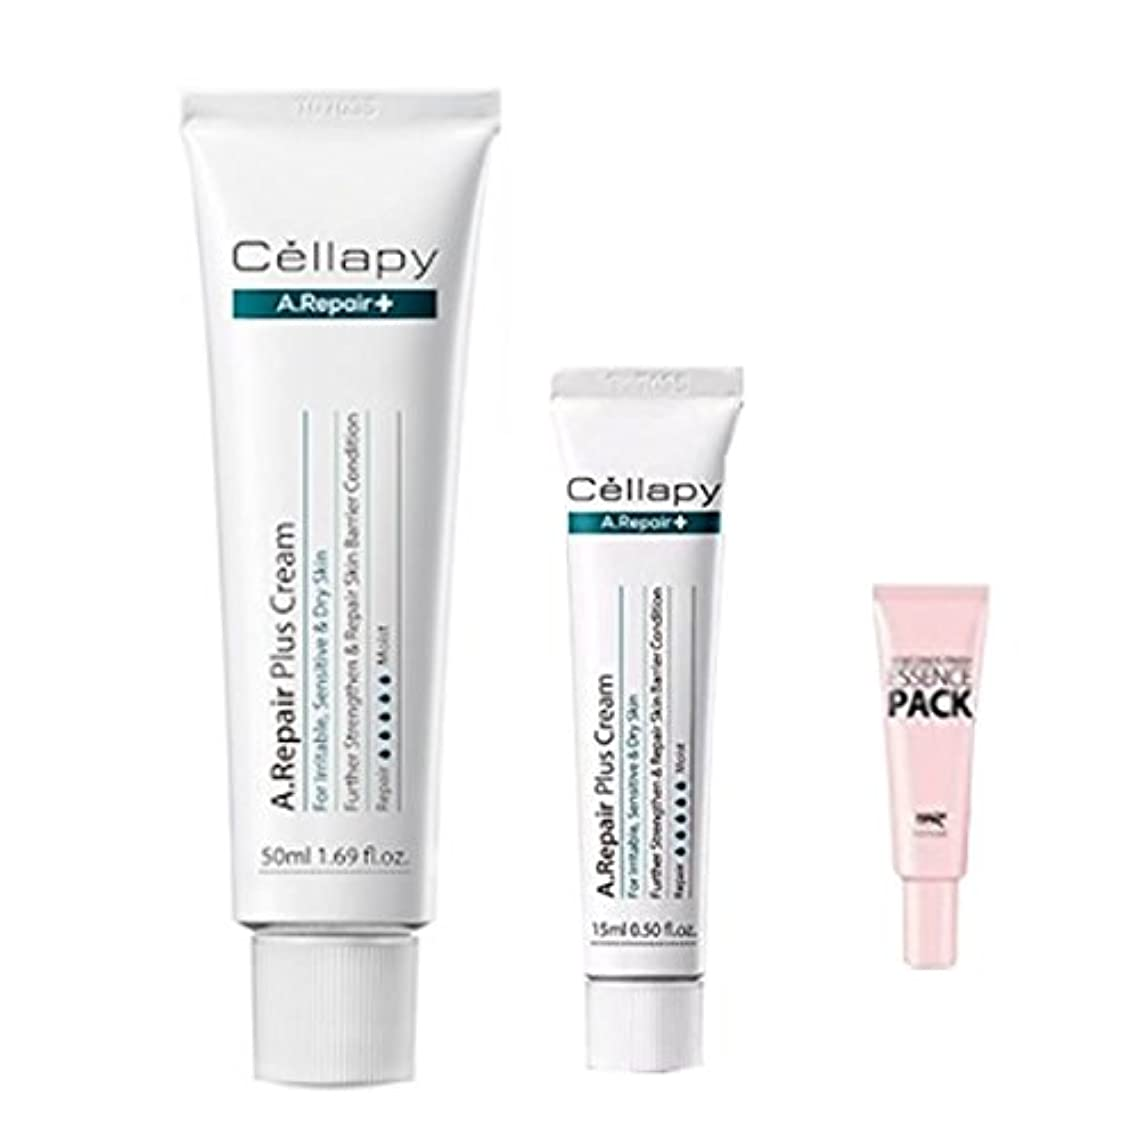 宣教師主メナジェリーセラピ エイリペアプラスクリーム50ml+15ml [並行輸入品]/Cellapy A.Repair Plus Cream for Irritable, Sensitive & Dry Skin 50ml(1.69fl.oz...